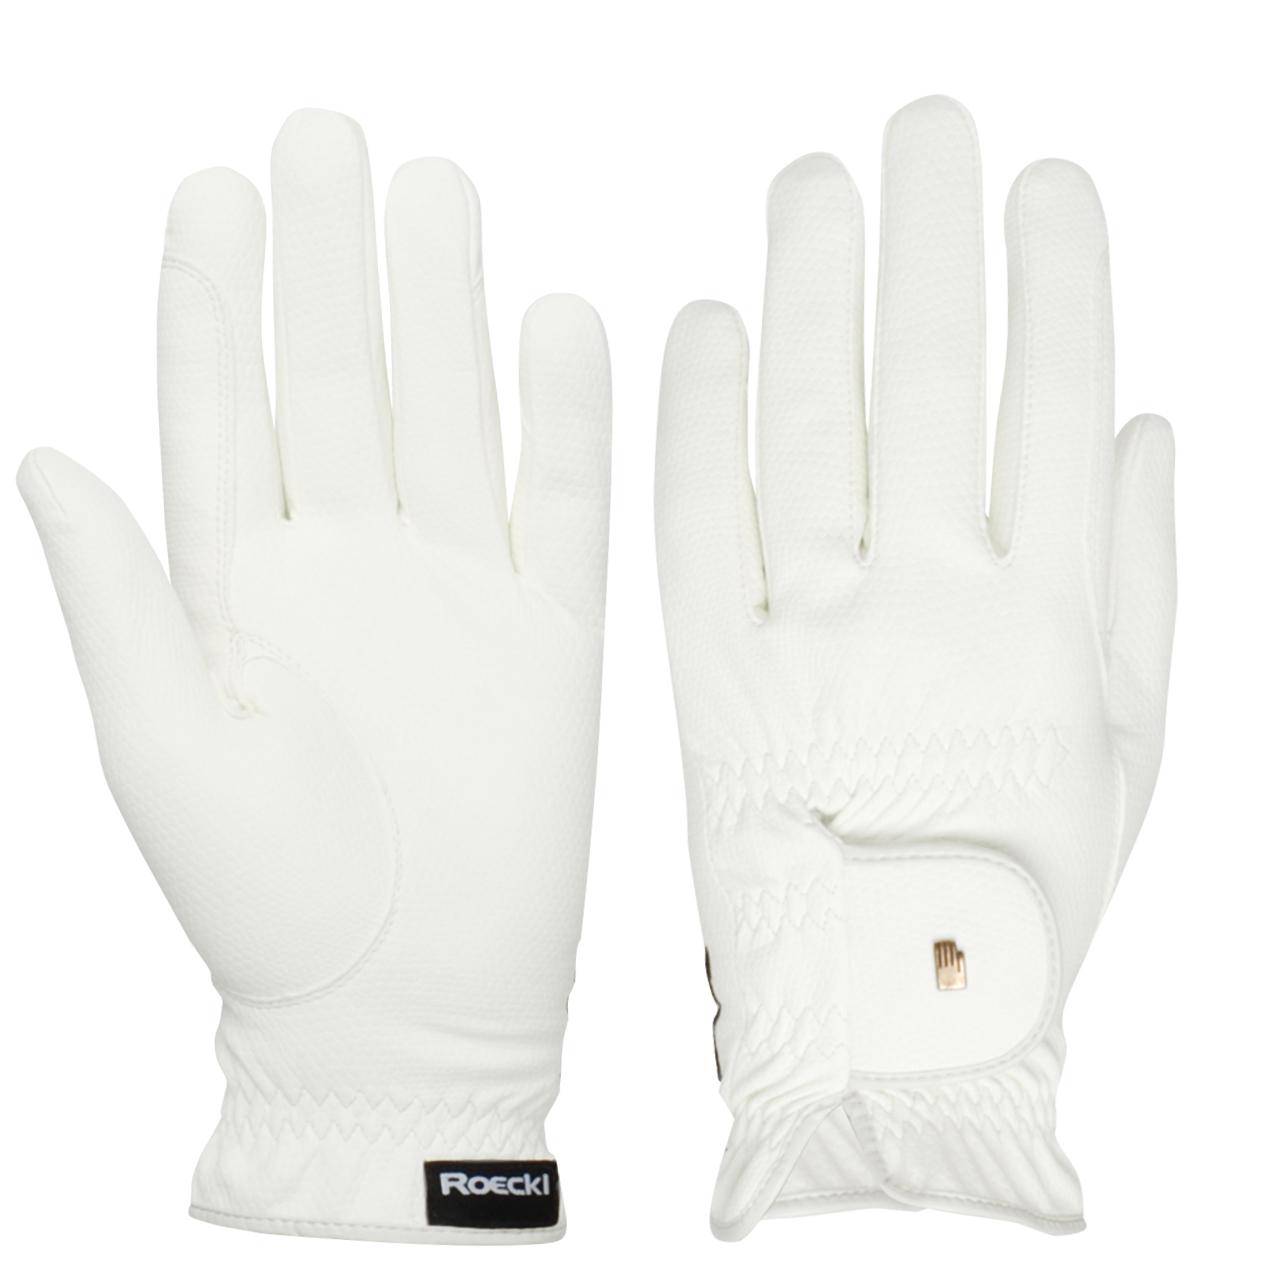 Roeckl Roeck grip Handschoen wit maat:7,5